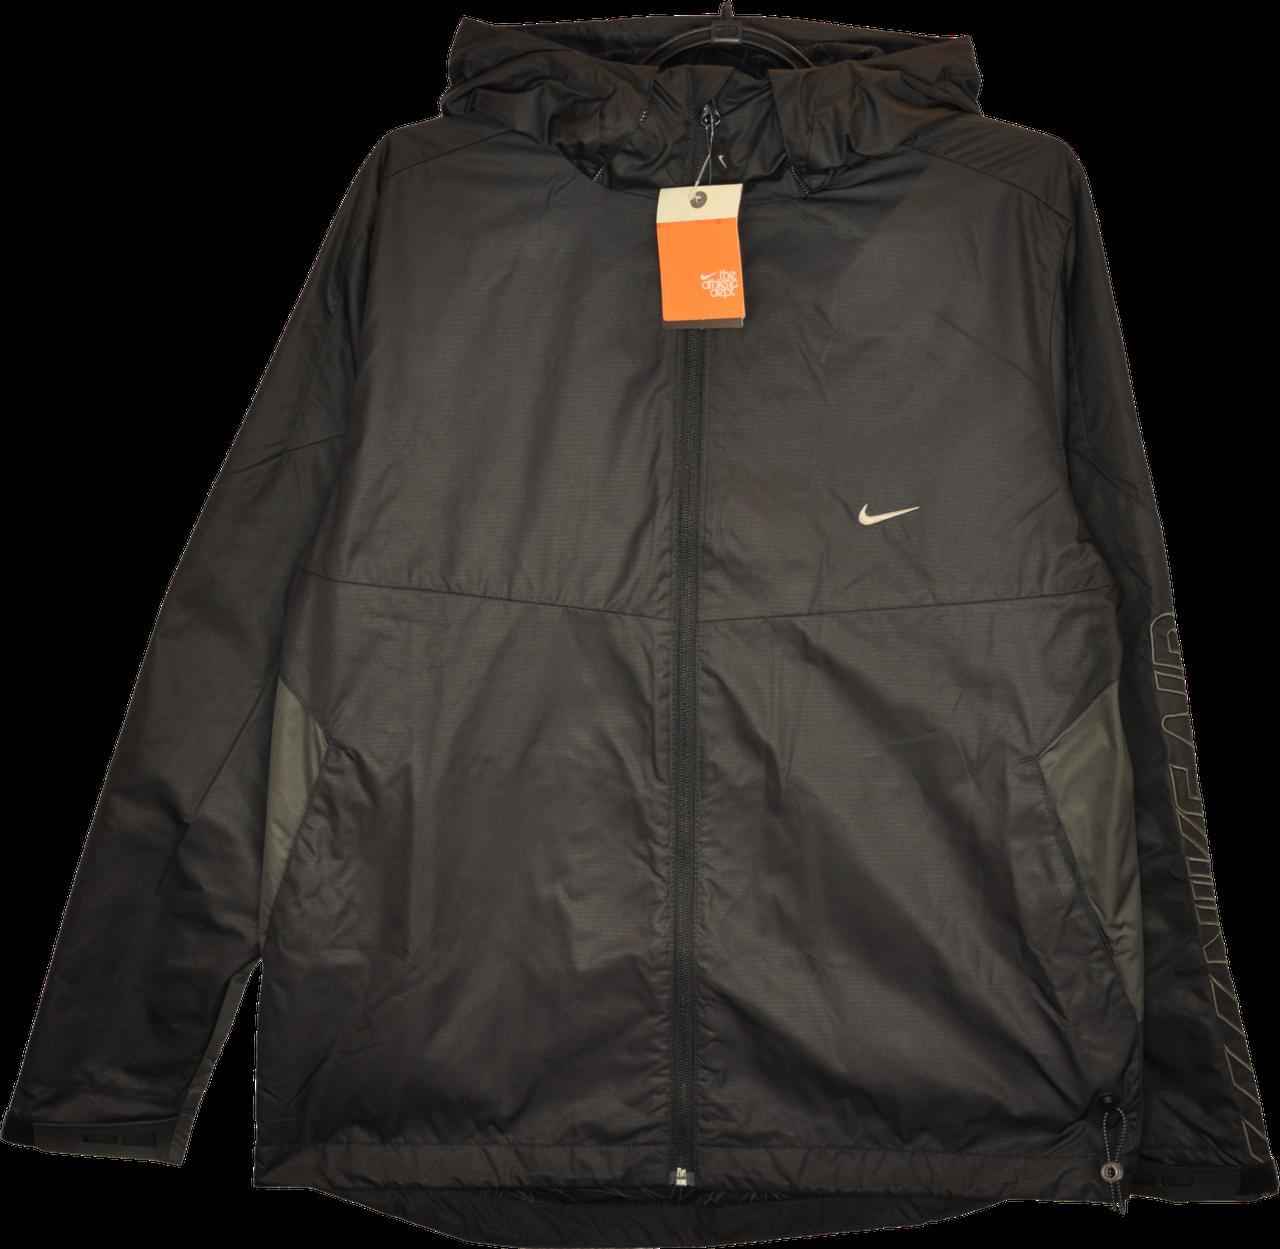 Мужская спортивная куртка ветровка Nike